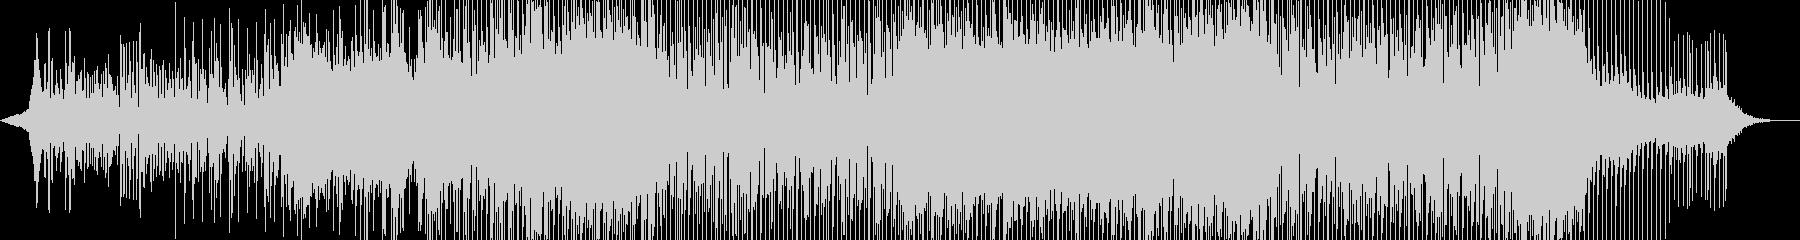 軽快なリズムのギターシンセポップの未再生の波形